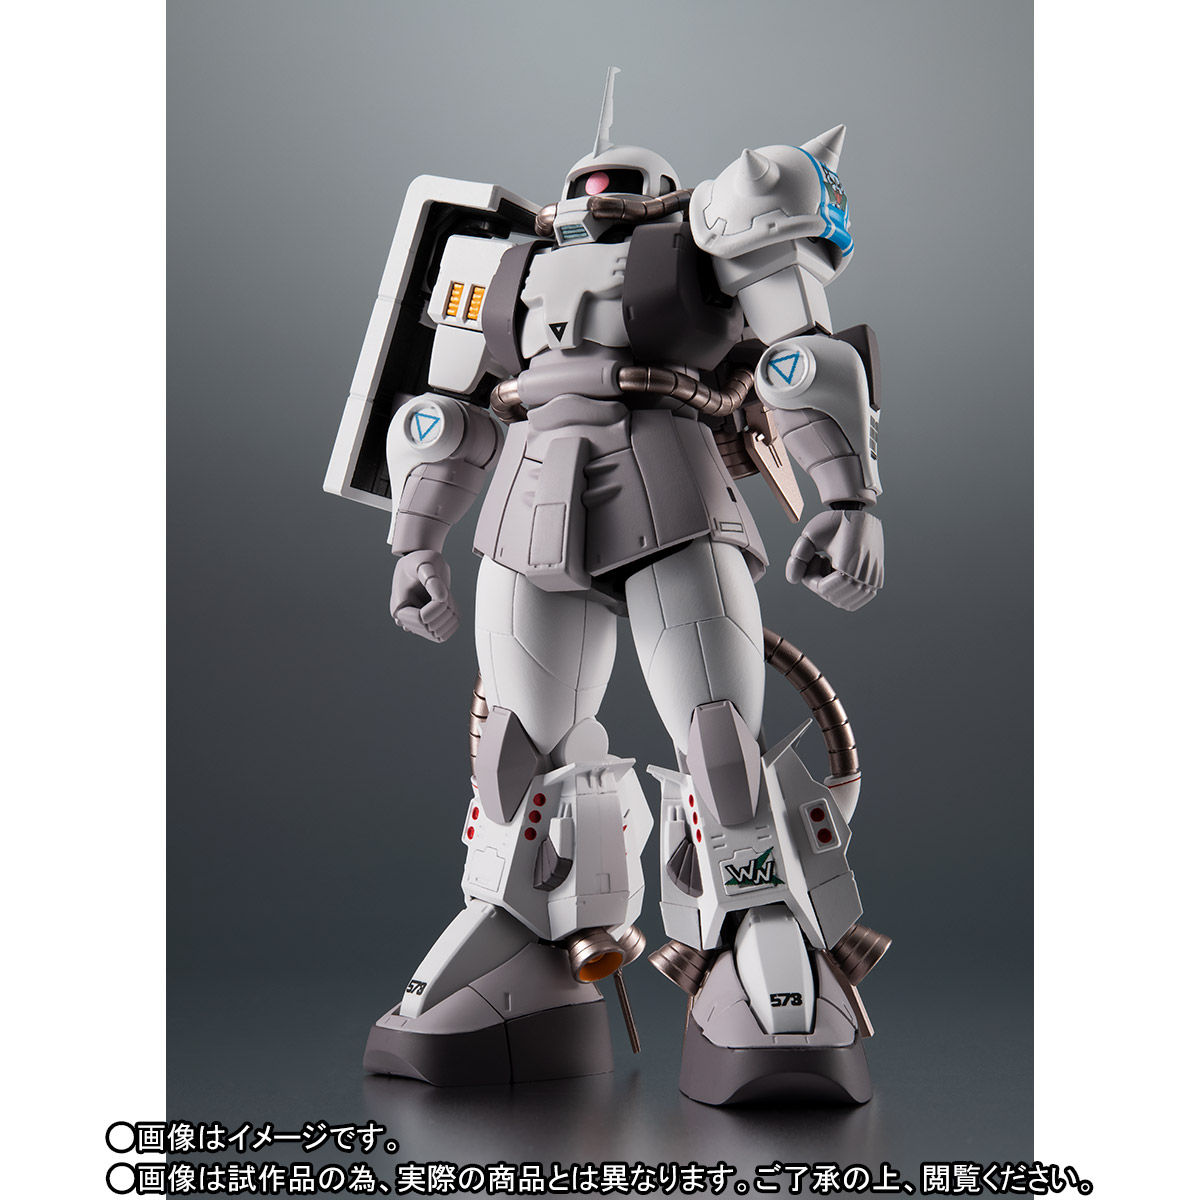 【限定販売】ROBOT魂〈SIDE MS〉『MS-06R-1A シン・マツナガ専用高機動型ザクII ver. A.N.I.M.E.』ダンダムMSV 可動フィギュア-003